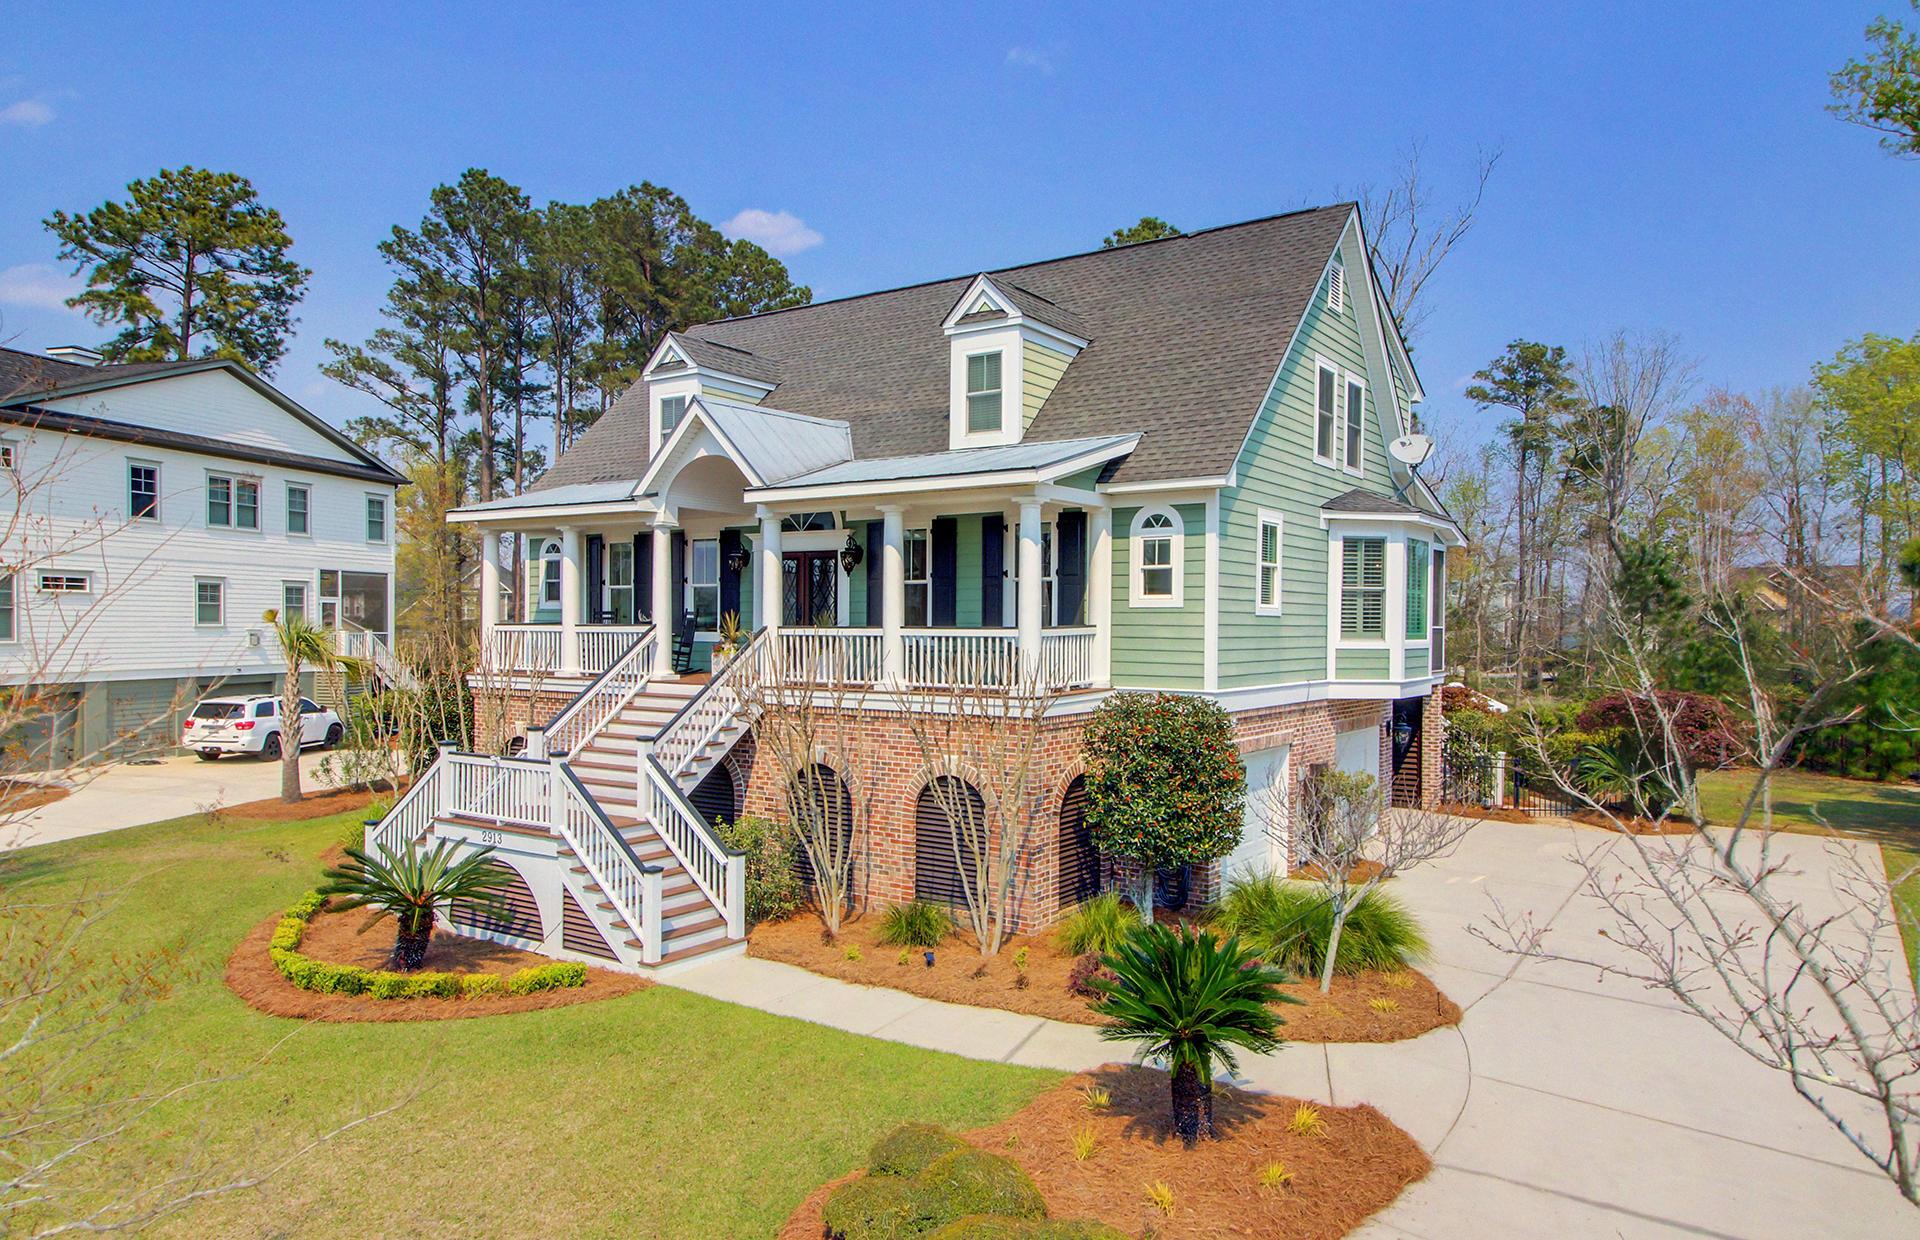 Dunes West Homes For Sale - 2913 Yachtsman, Mount Pleasant, SC - 37